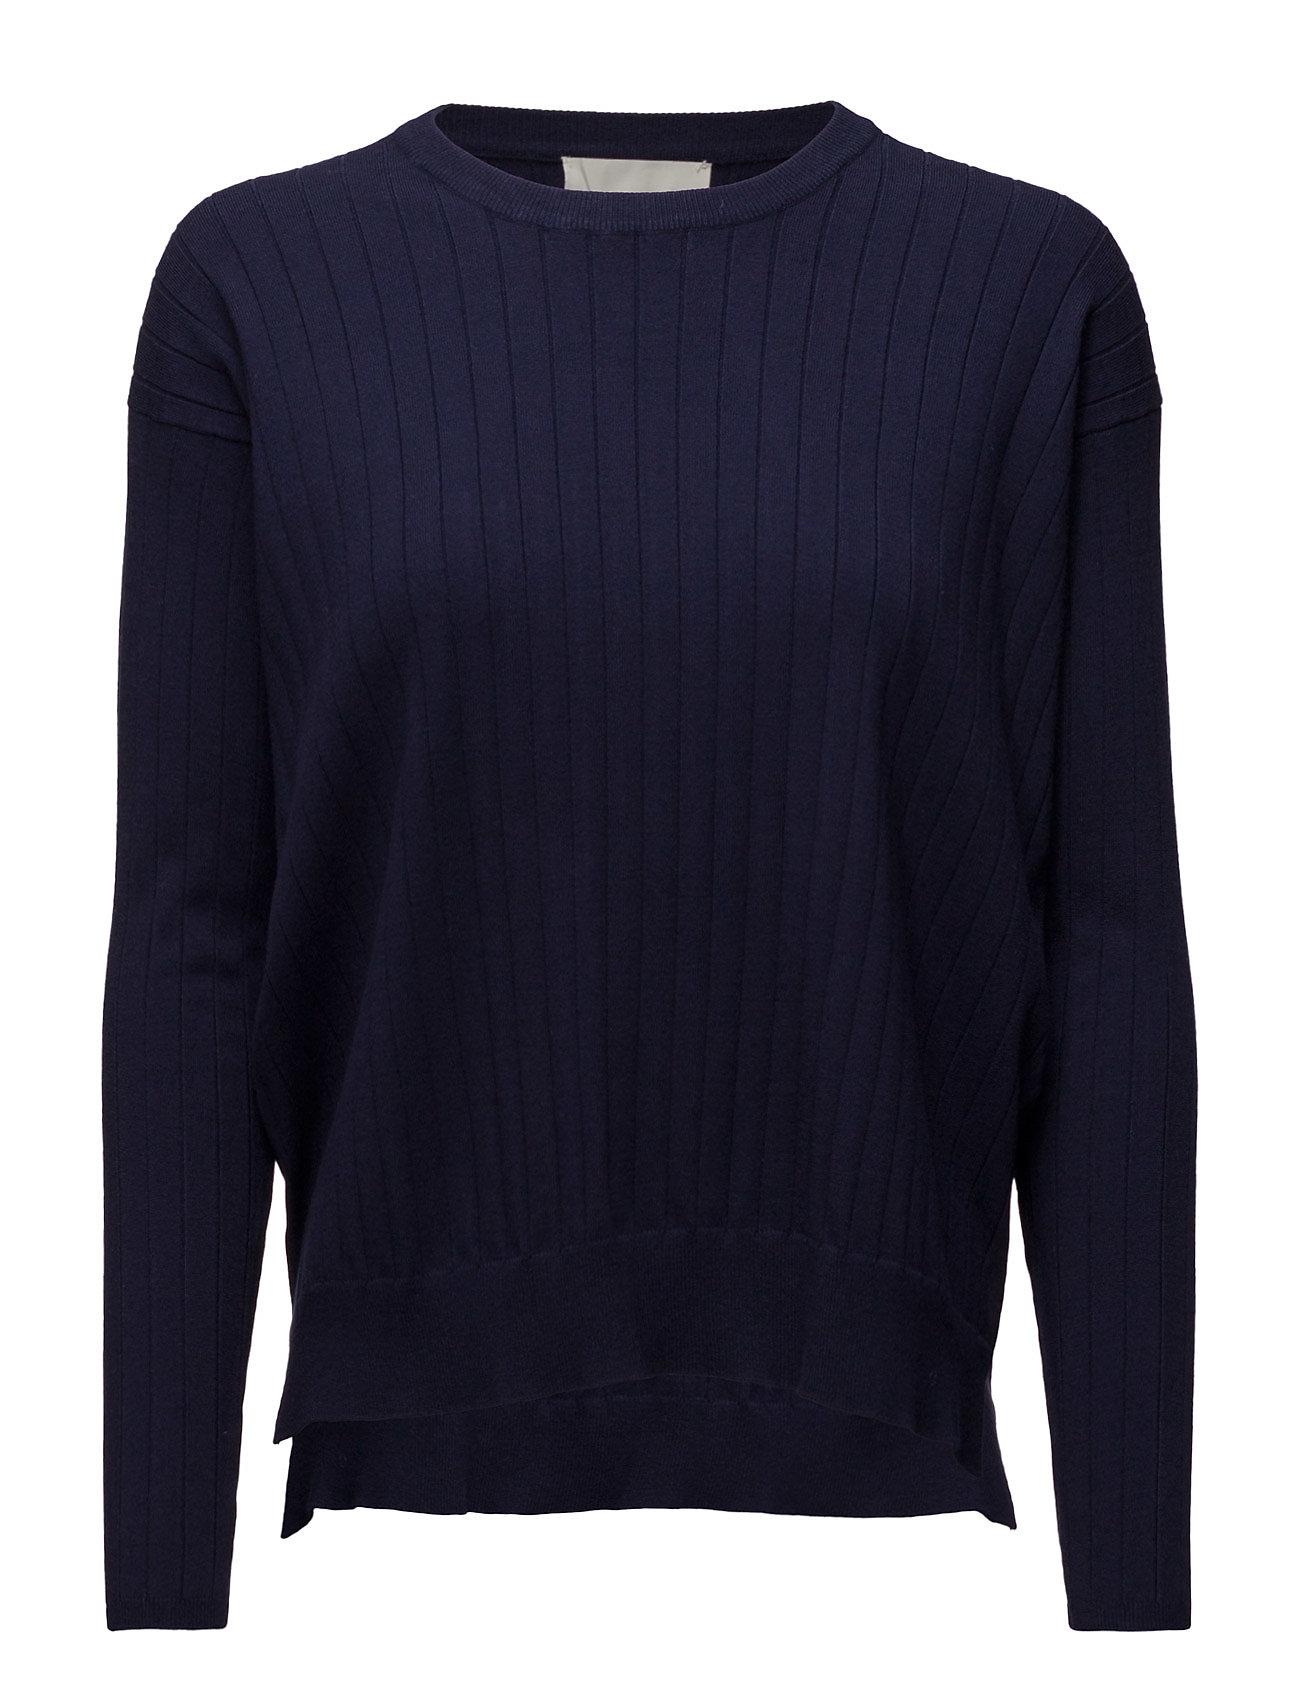 Yazz Pullover Knit InWear Sweatshirts til Damer i Midnight blå